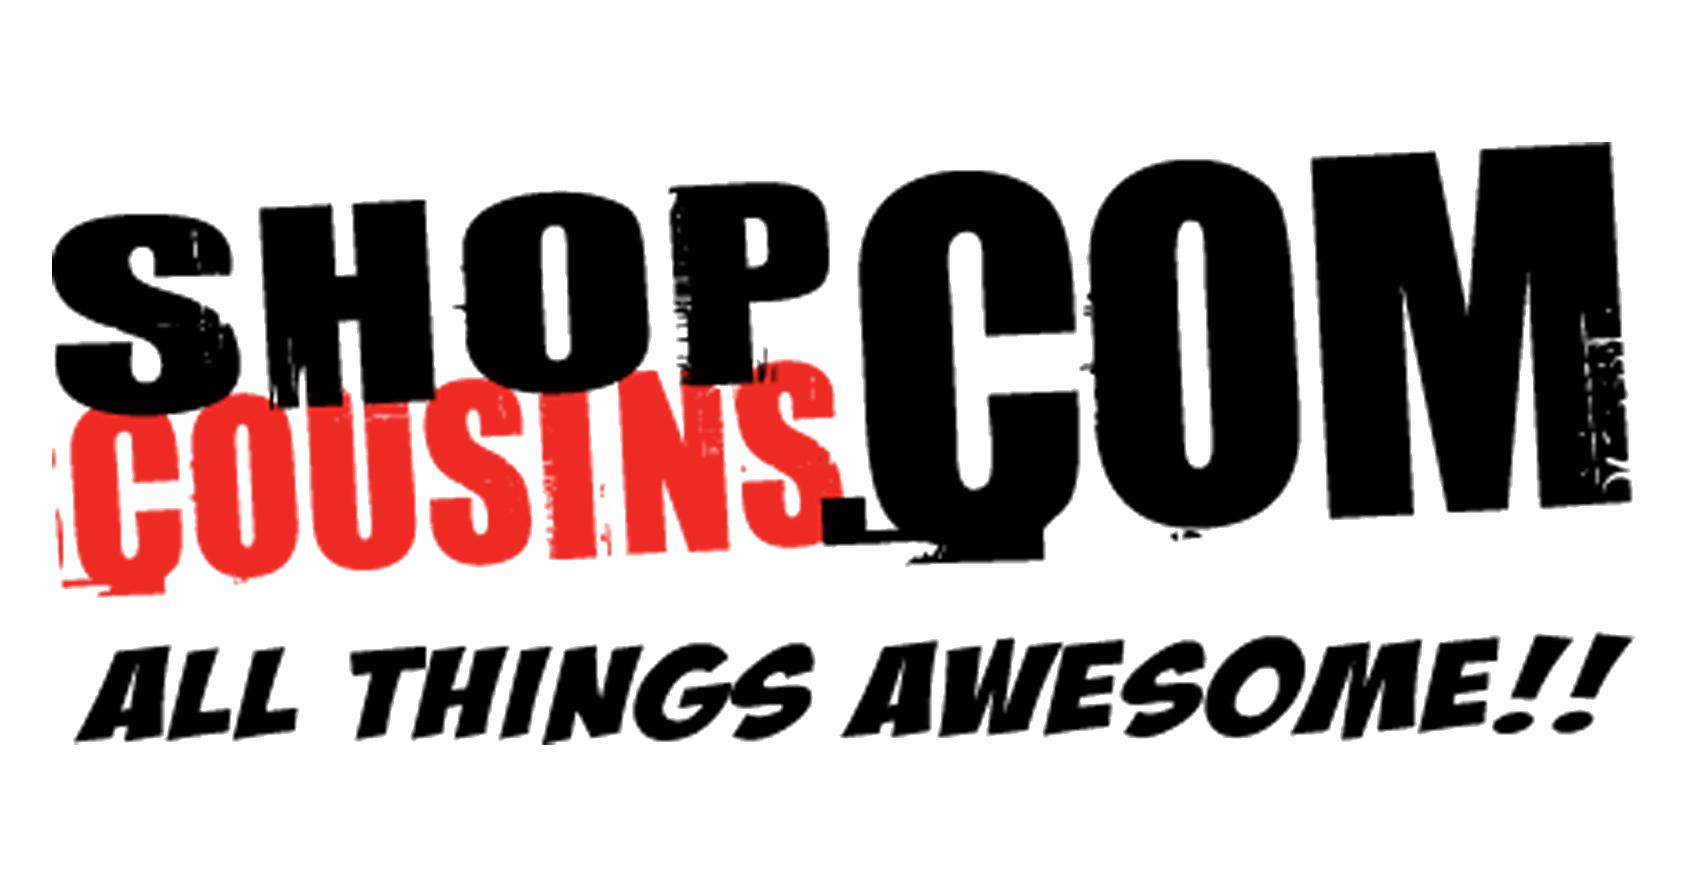 Shop Cousins